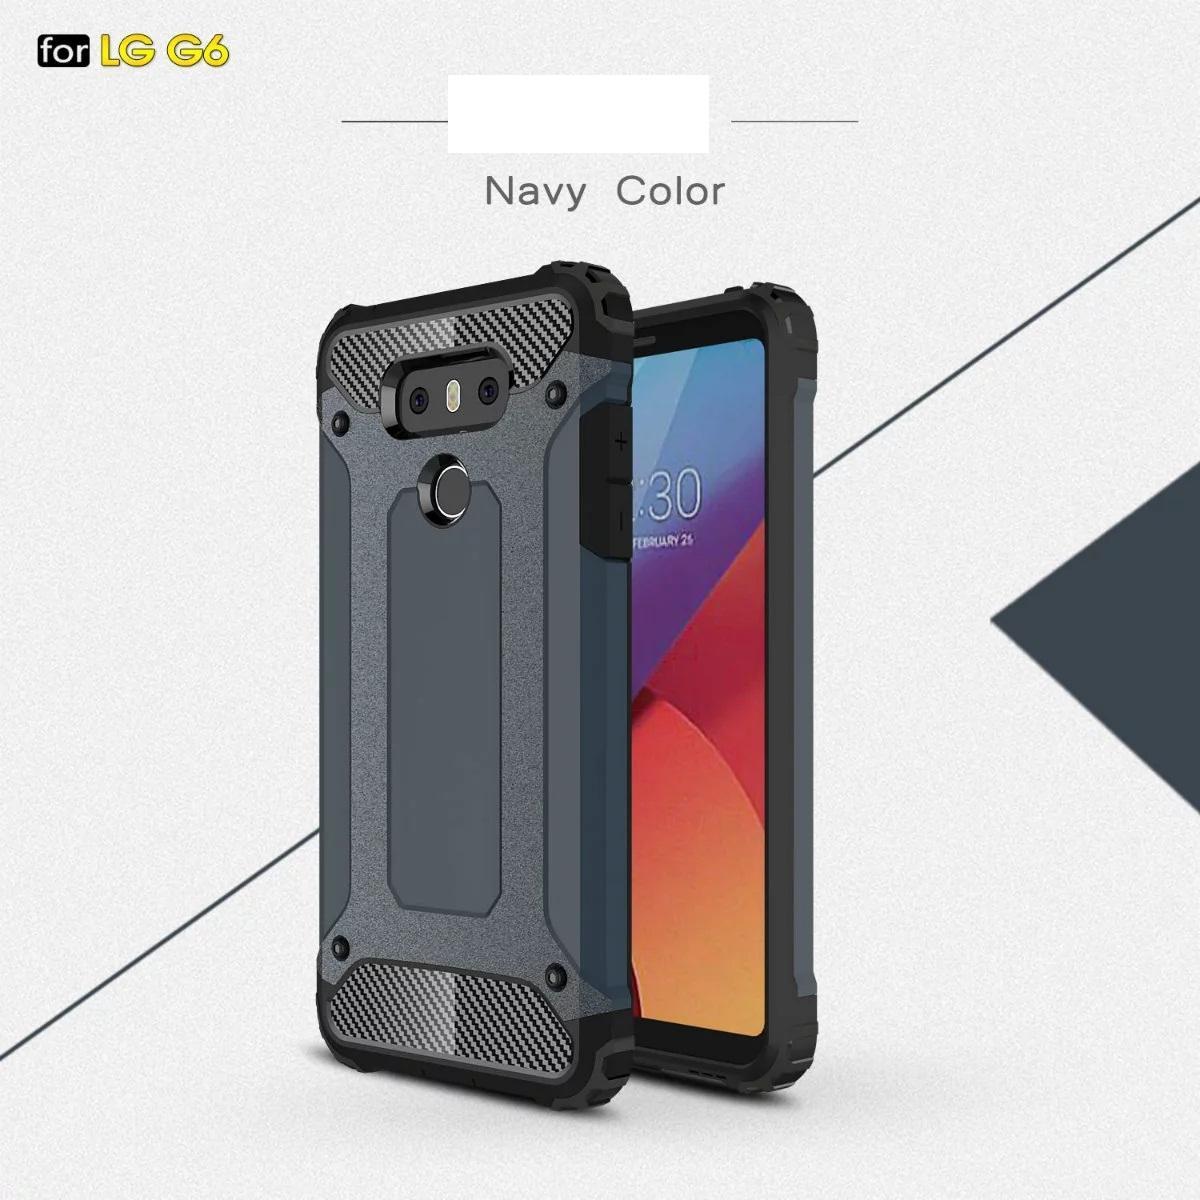 갑옷 하이브리드 수비수 케이스 TPU + PC 충격 방지 커버 케이스 LG G6 G5 Q6 갤럭시 S7 가장자리 S7 플러스 S6 가장자리 플러스